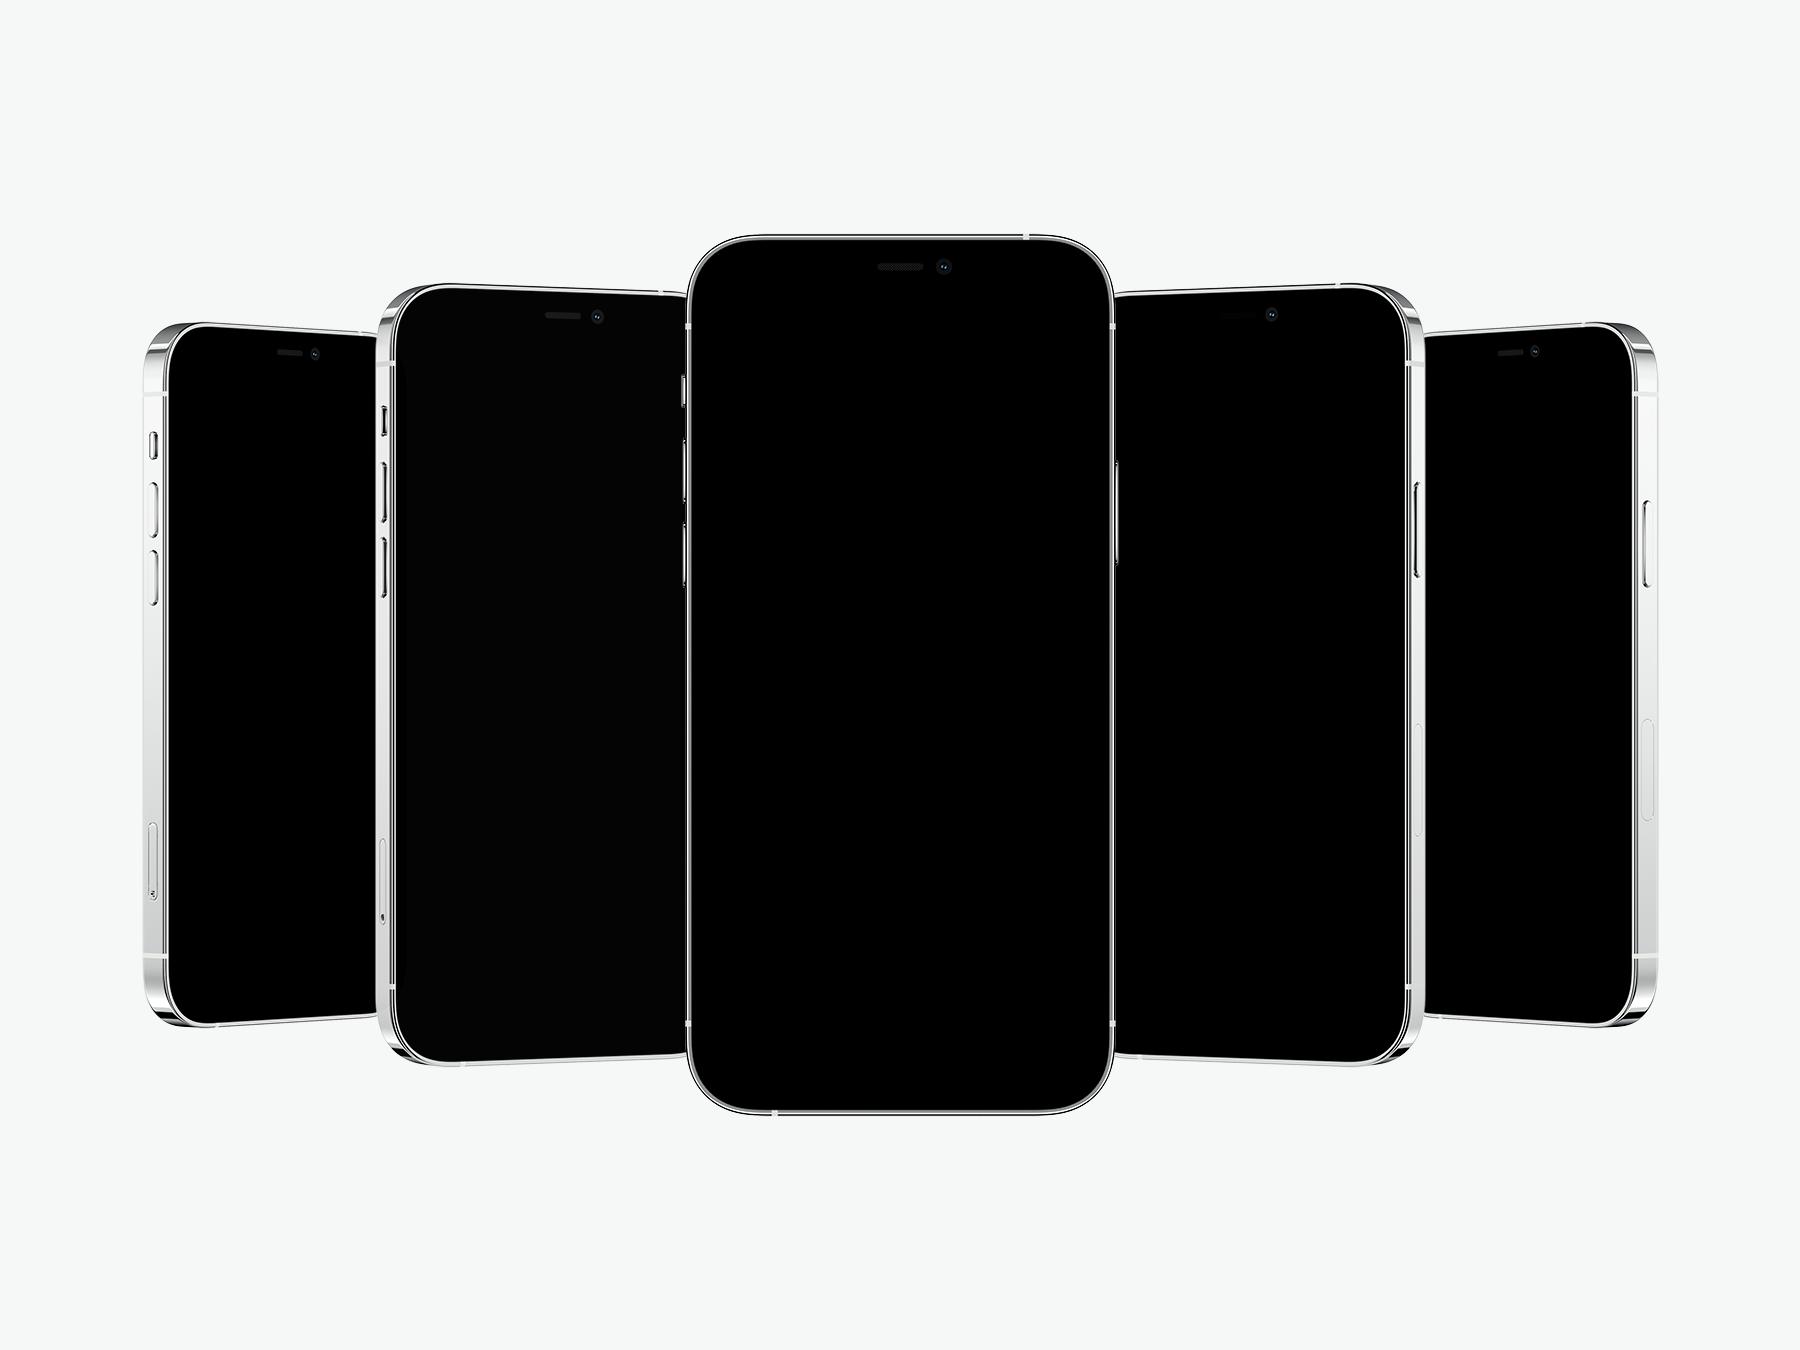 Free iPhone 12 Pro Showcase Mockup